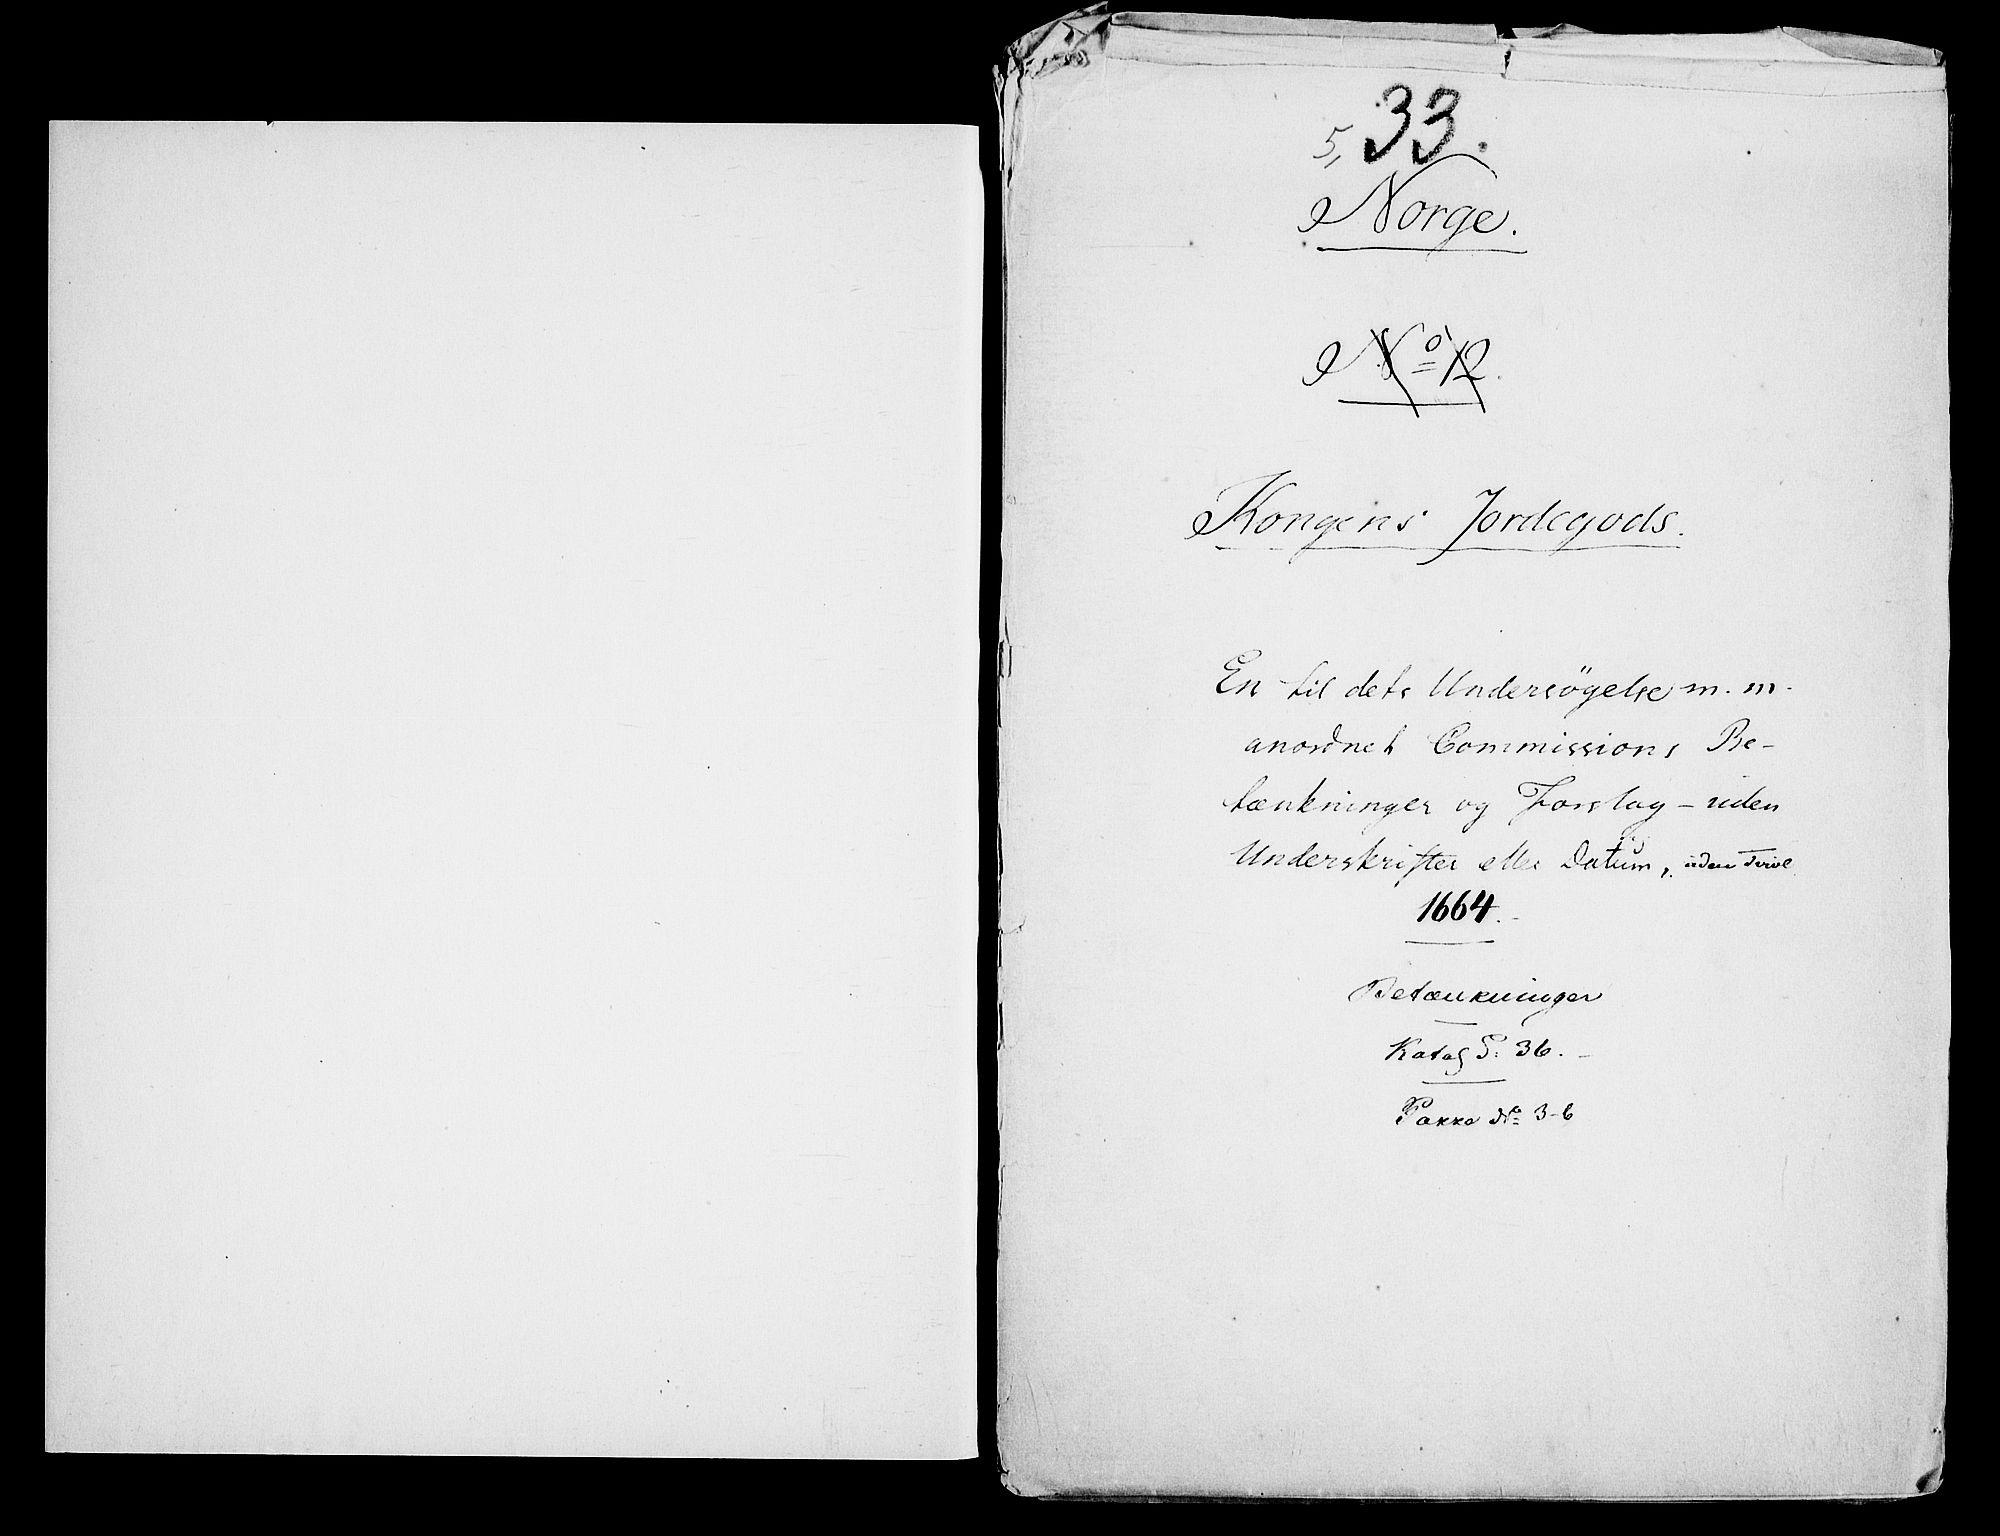 RA, Danske Kanselli, Skapsaker, G/L0019: Tillegg til skapsakene, 1616-1753, s. 174